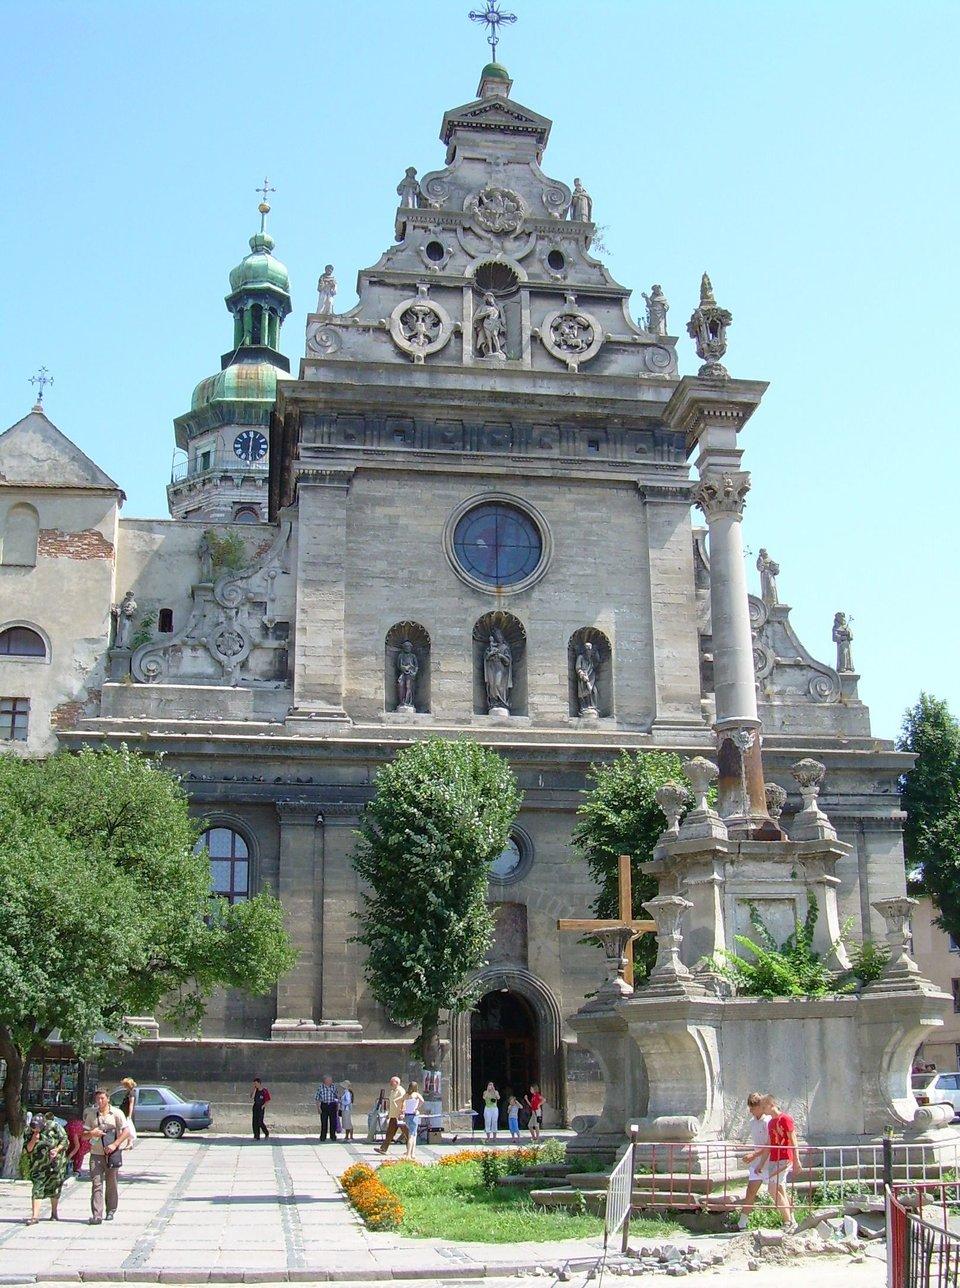 Lwów -kościół bernardynów, widok zzewnątrz Lwów -kościół bernardynów, widok zzewnątrz Źródło: Janmad, Wikimedia Commons, licencja: CC BY 3.0.